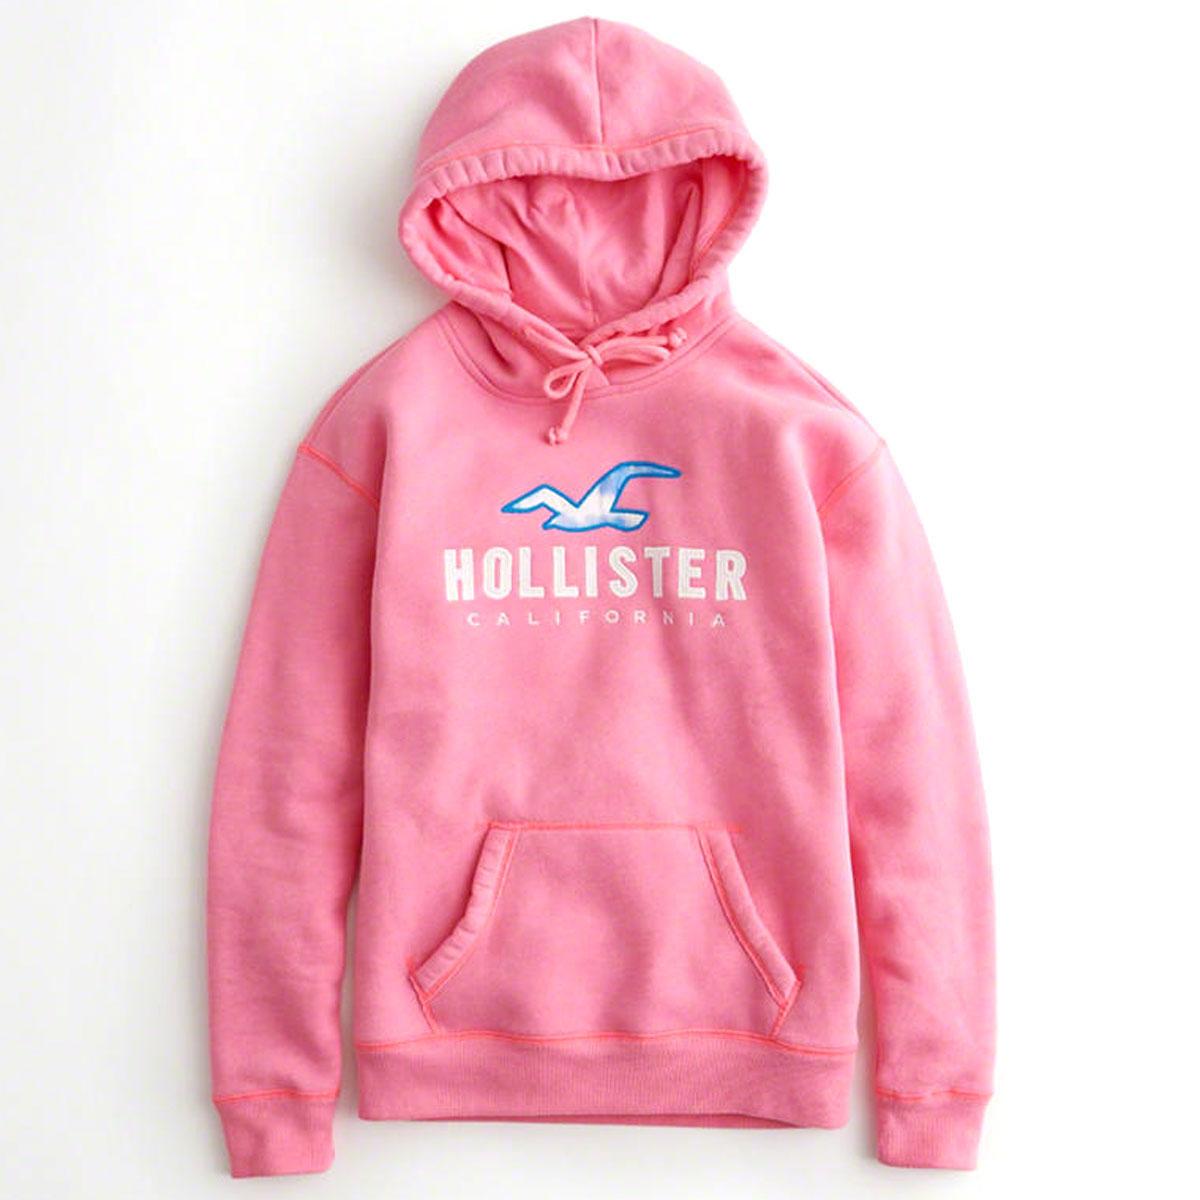 hollister_ladies_2